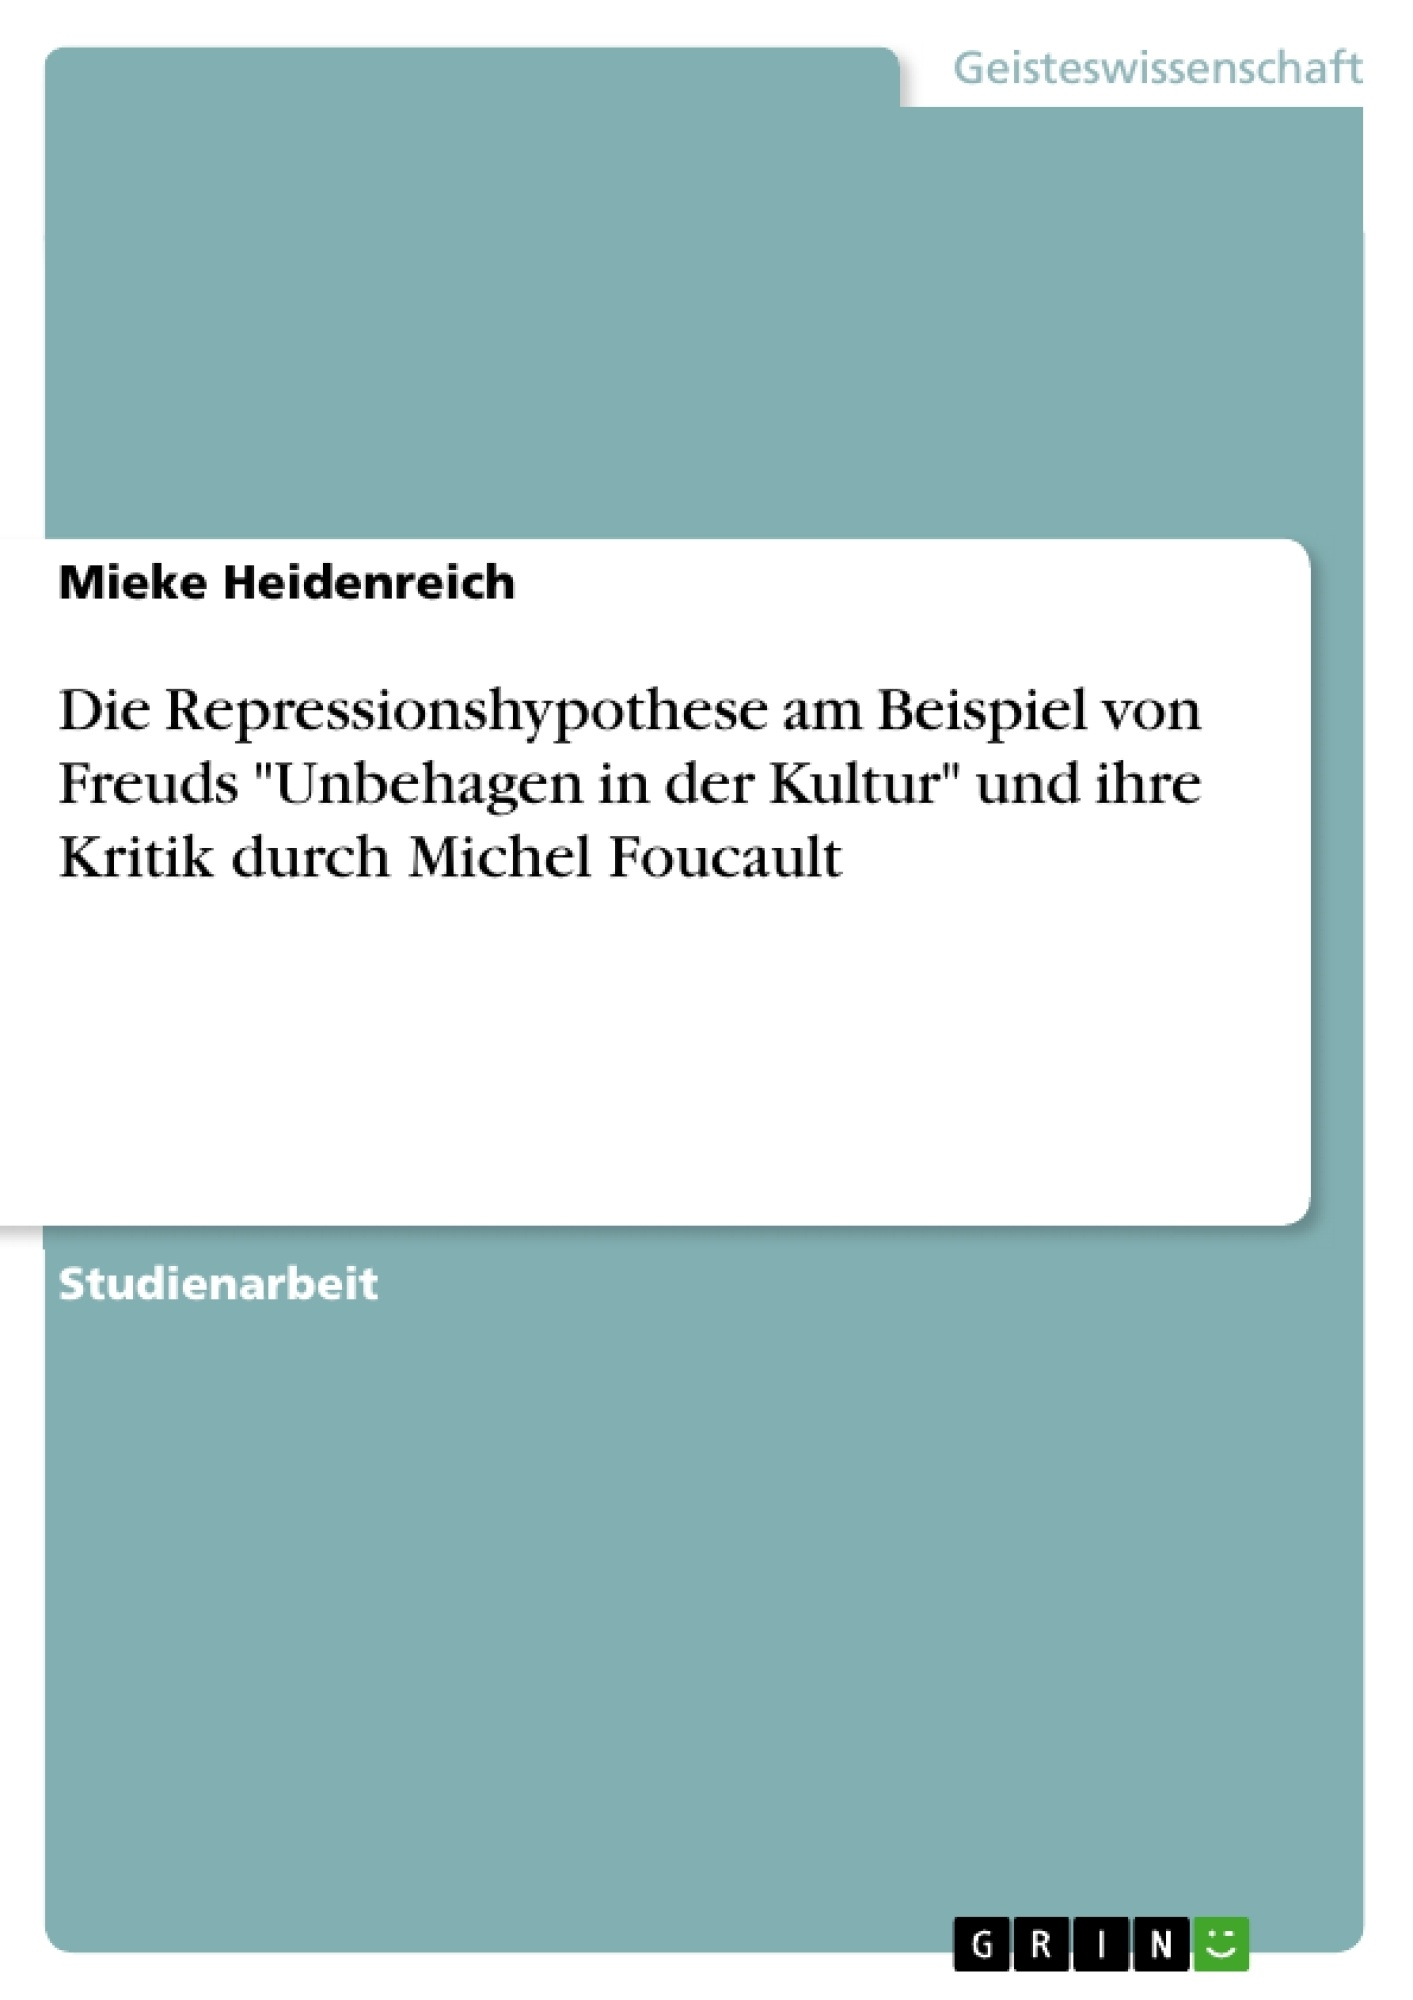 """Titel: Die Repressionshypothese am Beispiel von Freuds """"Unbehagen in der Kultur"""" und ihre Kritik durch Michel Foucault"""